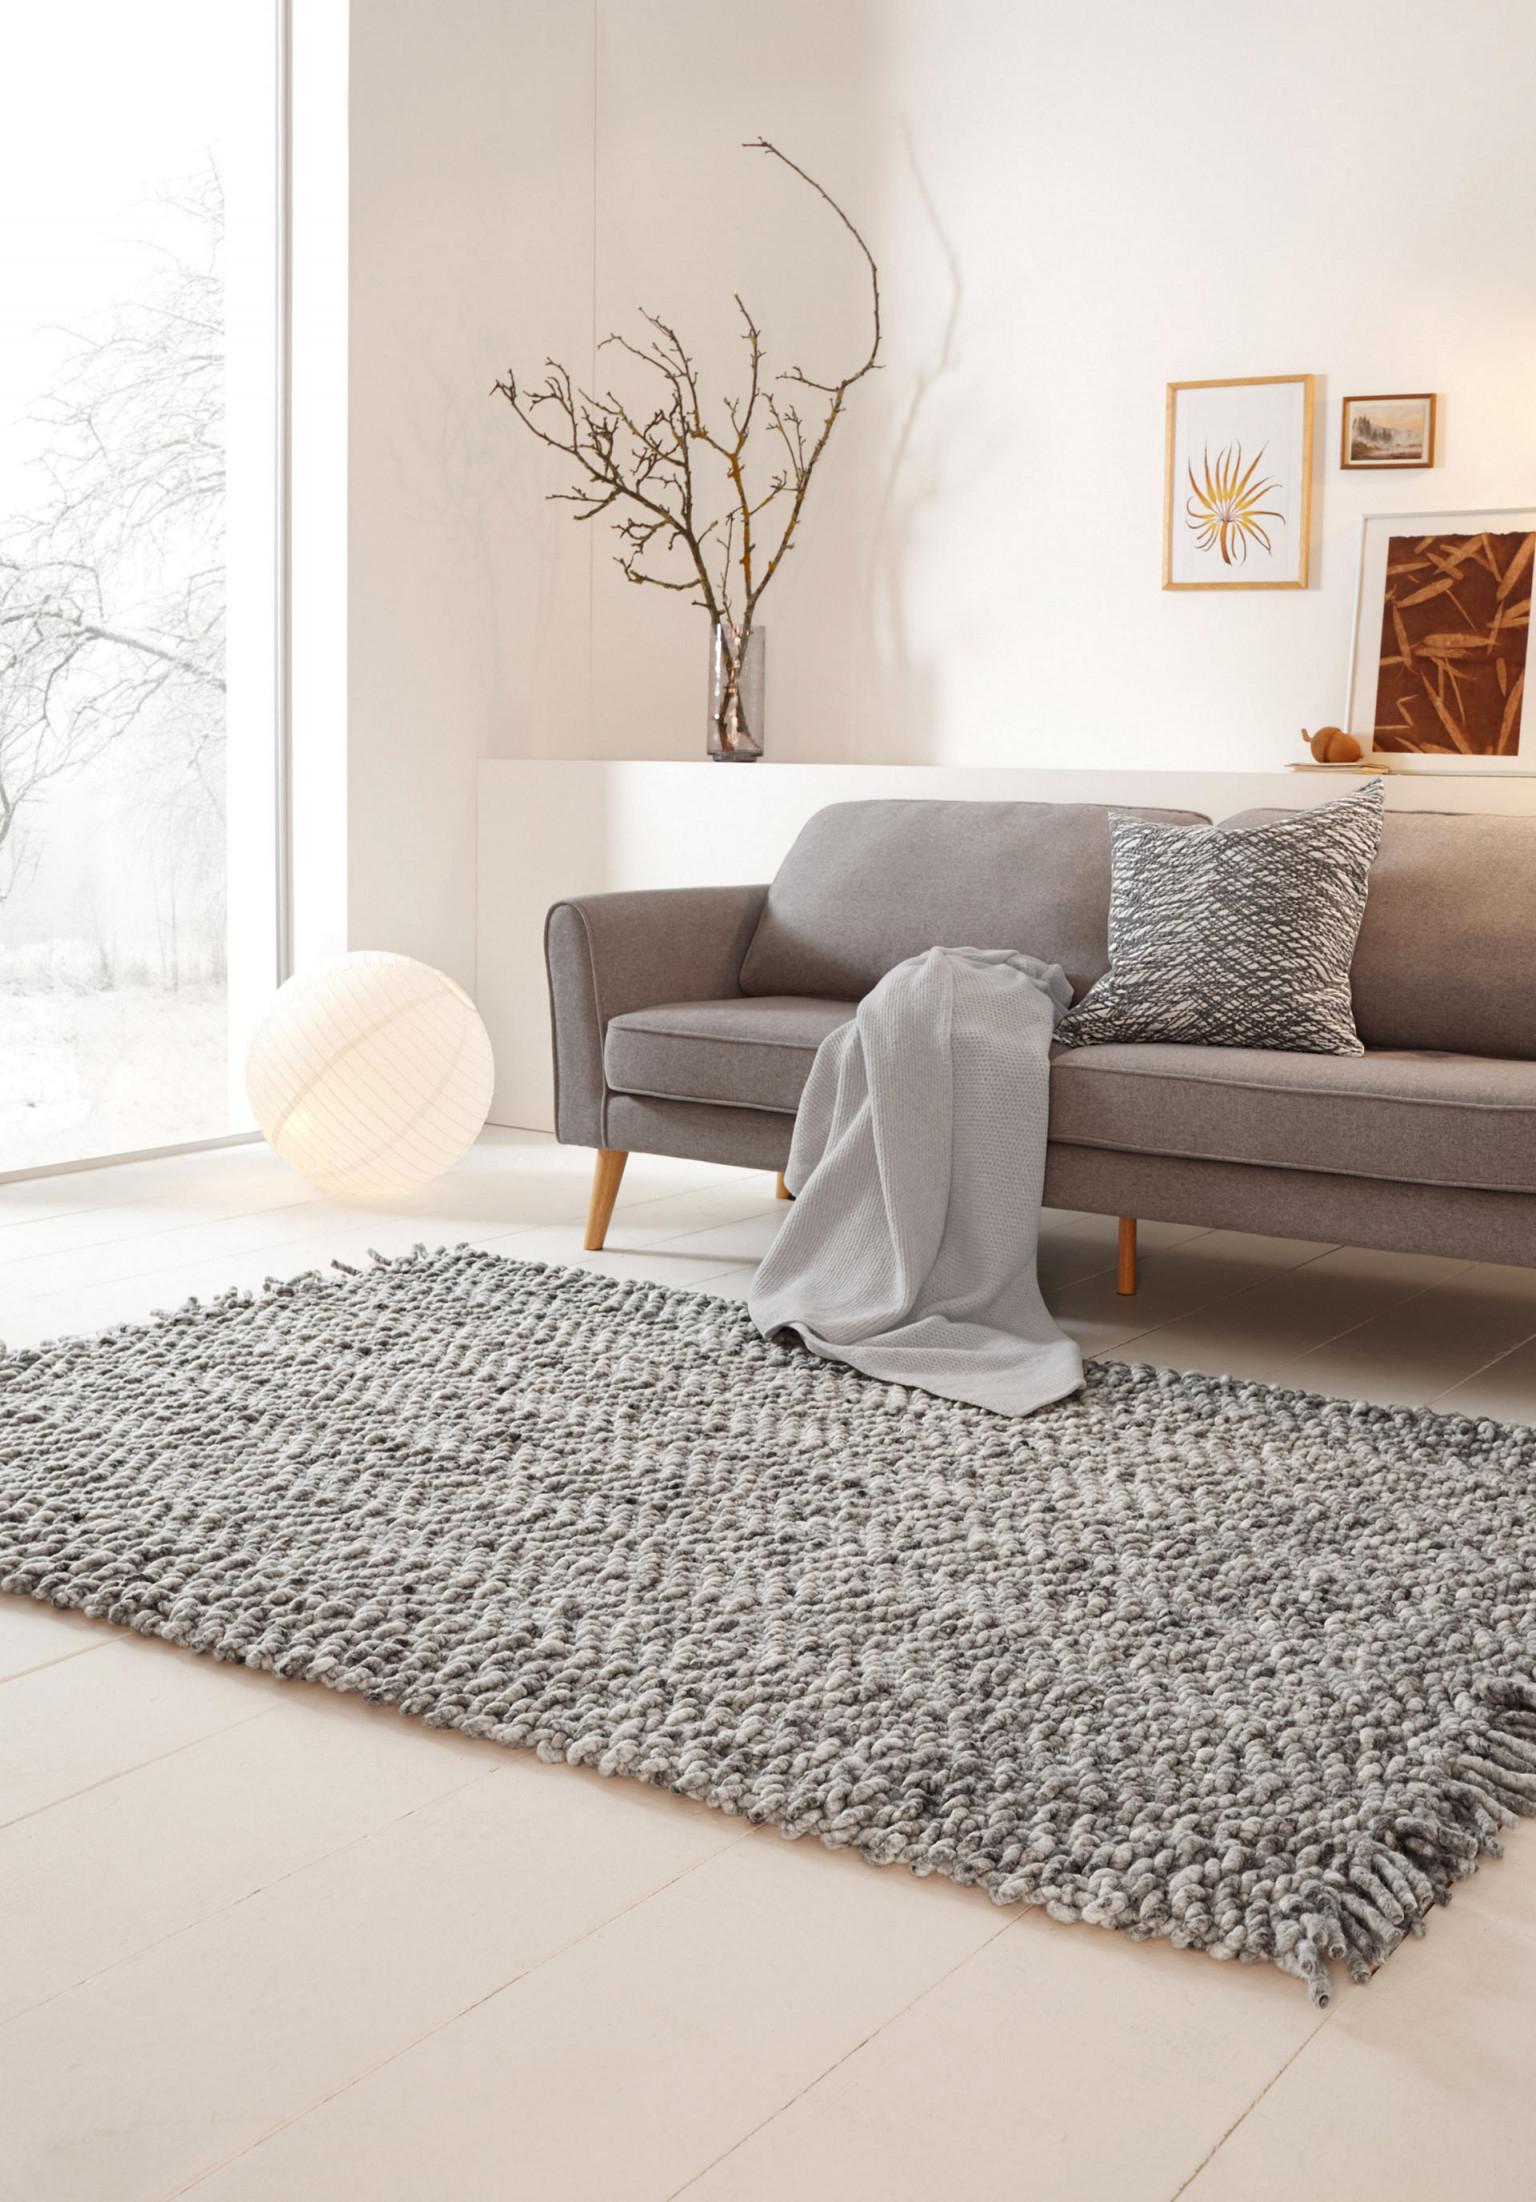 Ökologische Wohnzimmer Teppiche Wolle  Bio✓  Nachhaltig von Teppich Groß Wohnzimmer Bild